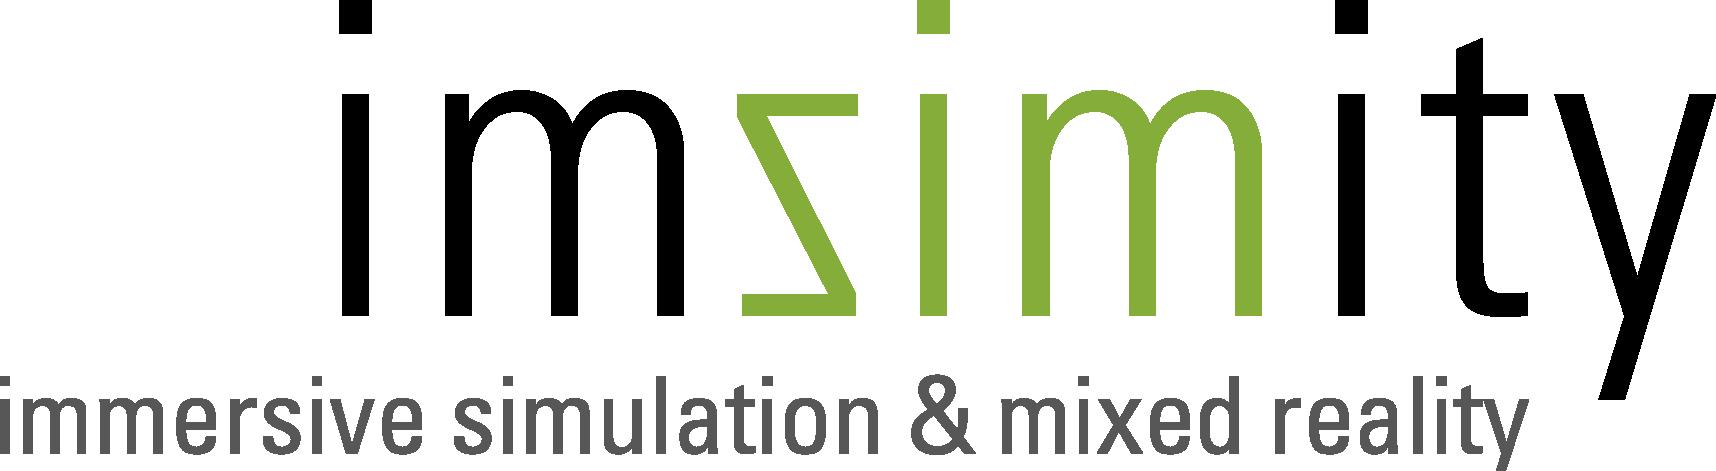 -ENTWICKLUNG (HTML 5 | CSS | TEMPLATING) und / oder - 3D-PROGRAMMIERUNG MIT UNITY 3D - imsimity GmbH - Logo